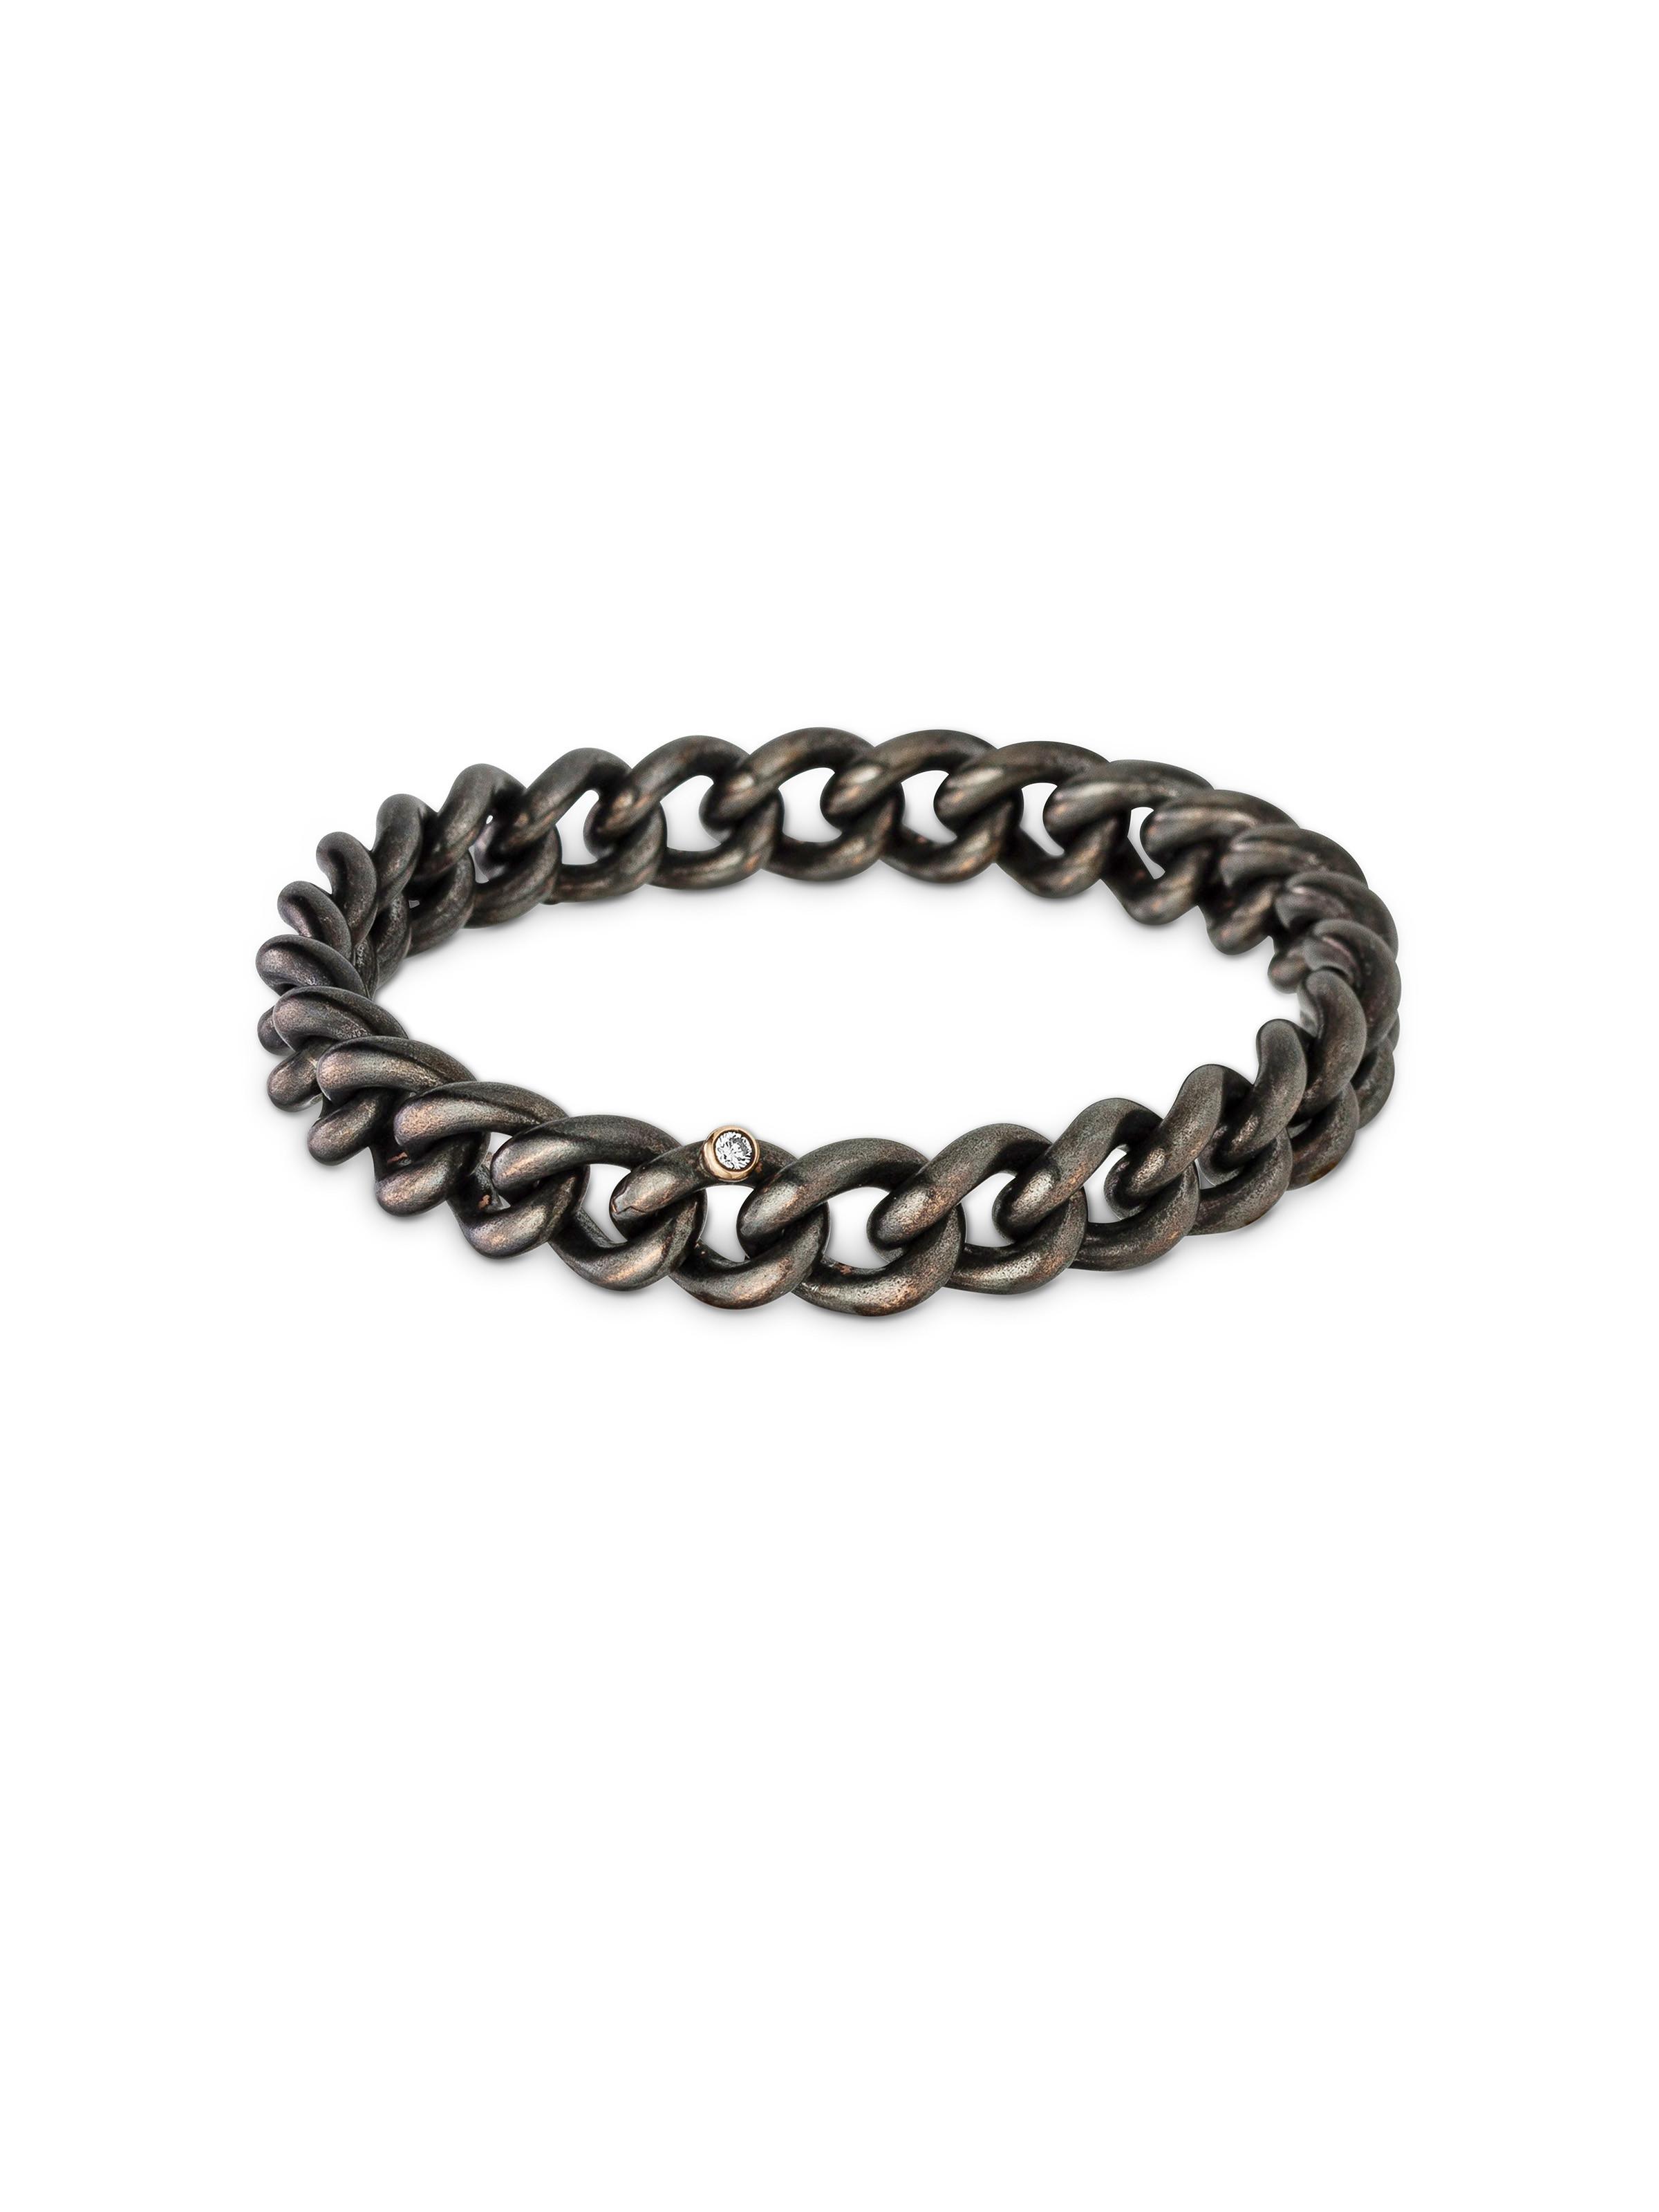 Bronze 12mm bracelet